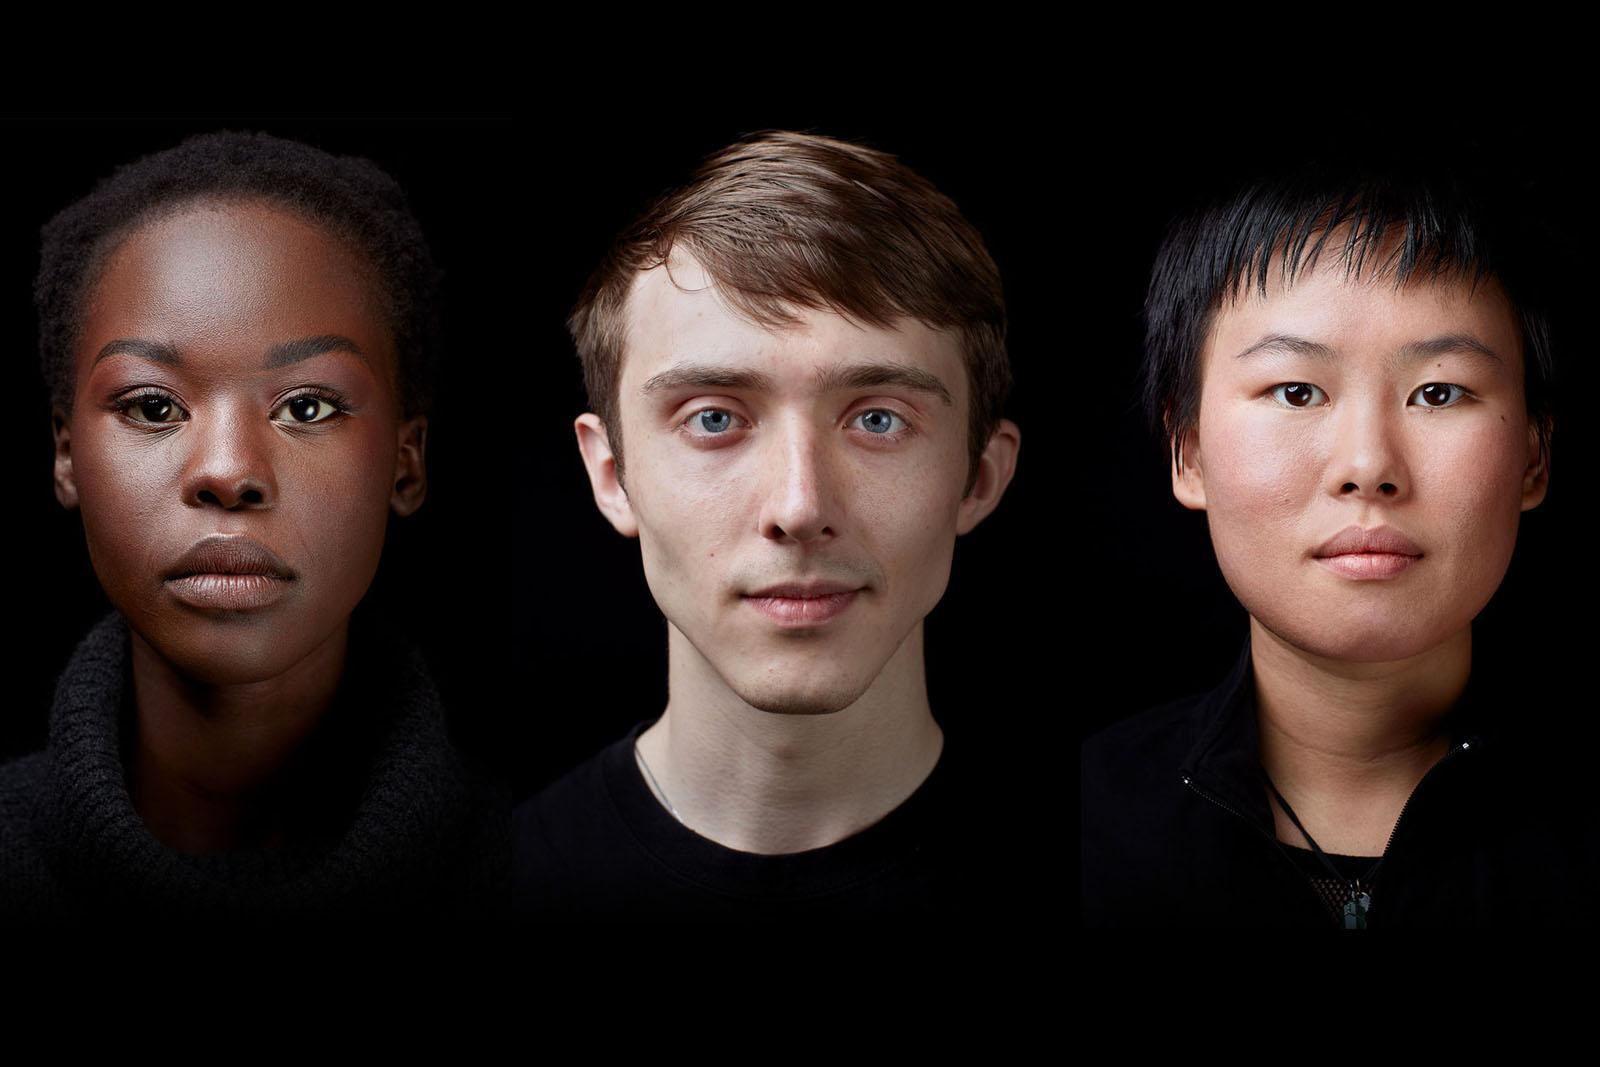 Face Project (Part 2)